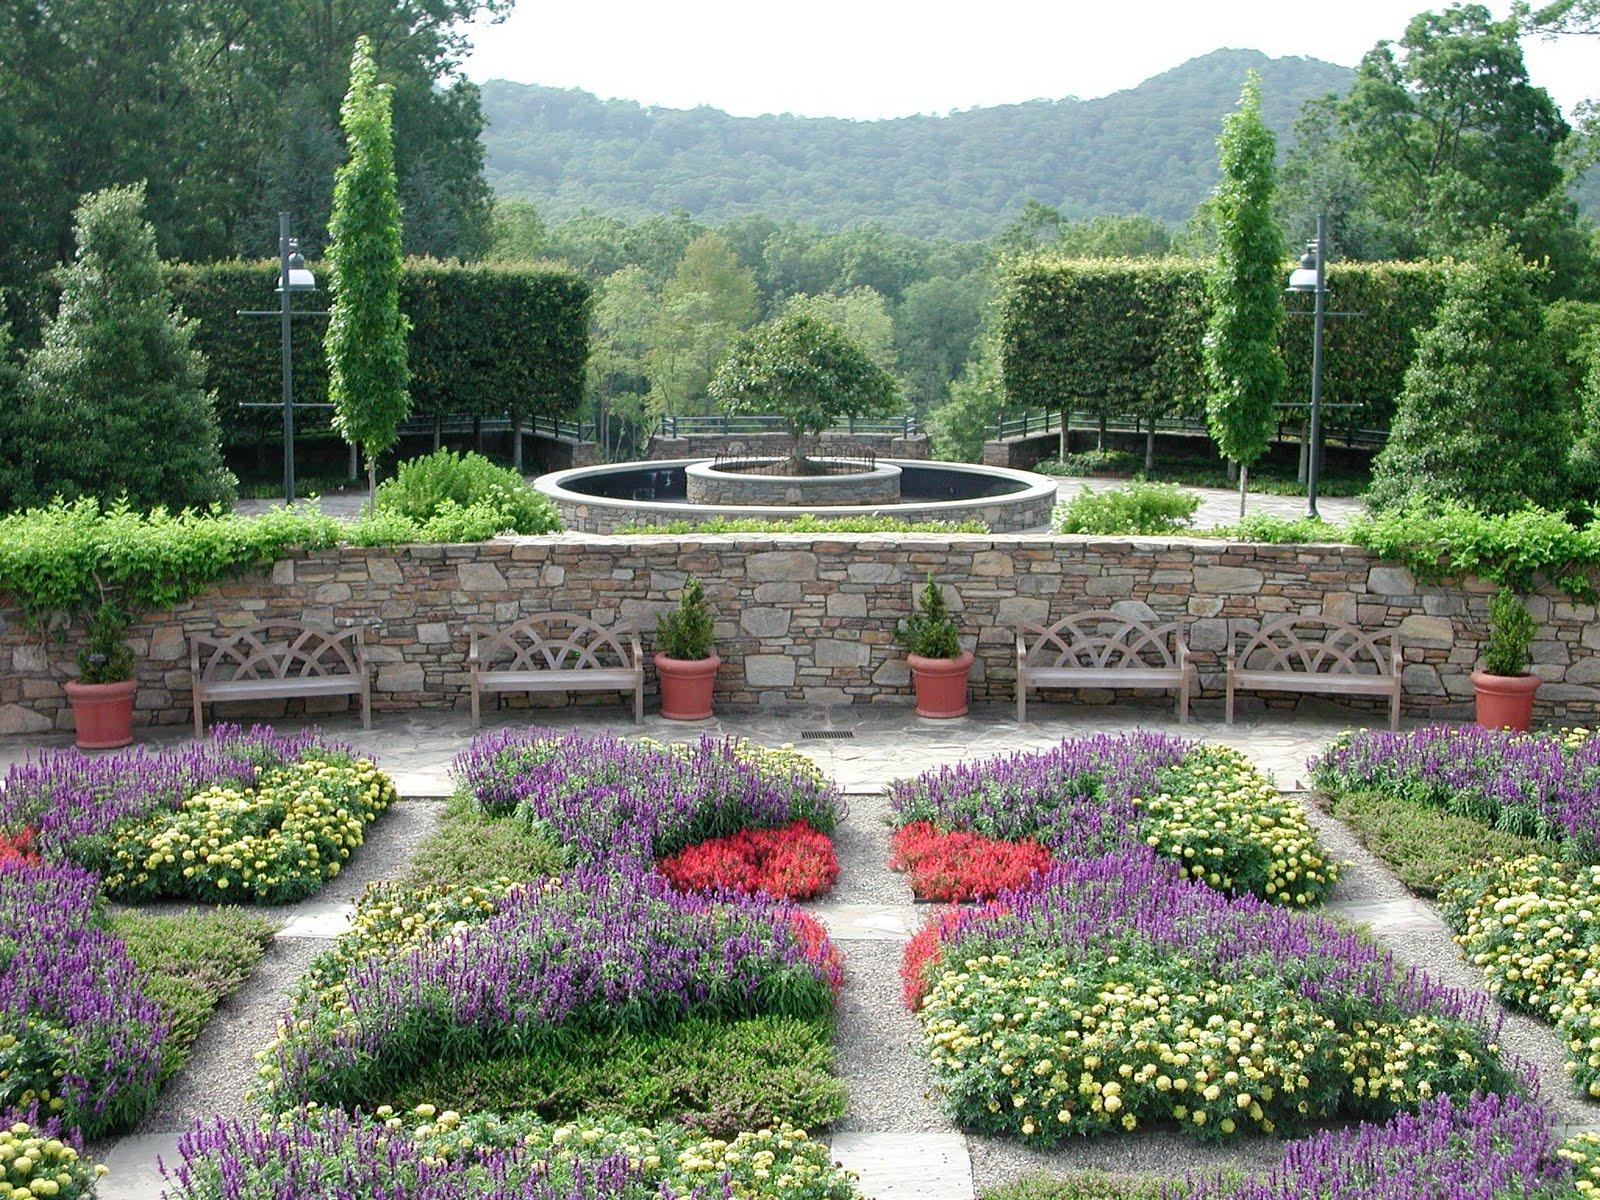 Arboretum - Venues Nearby